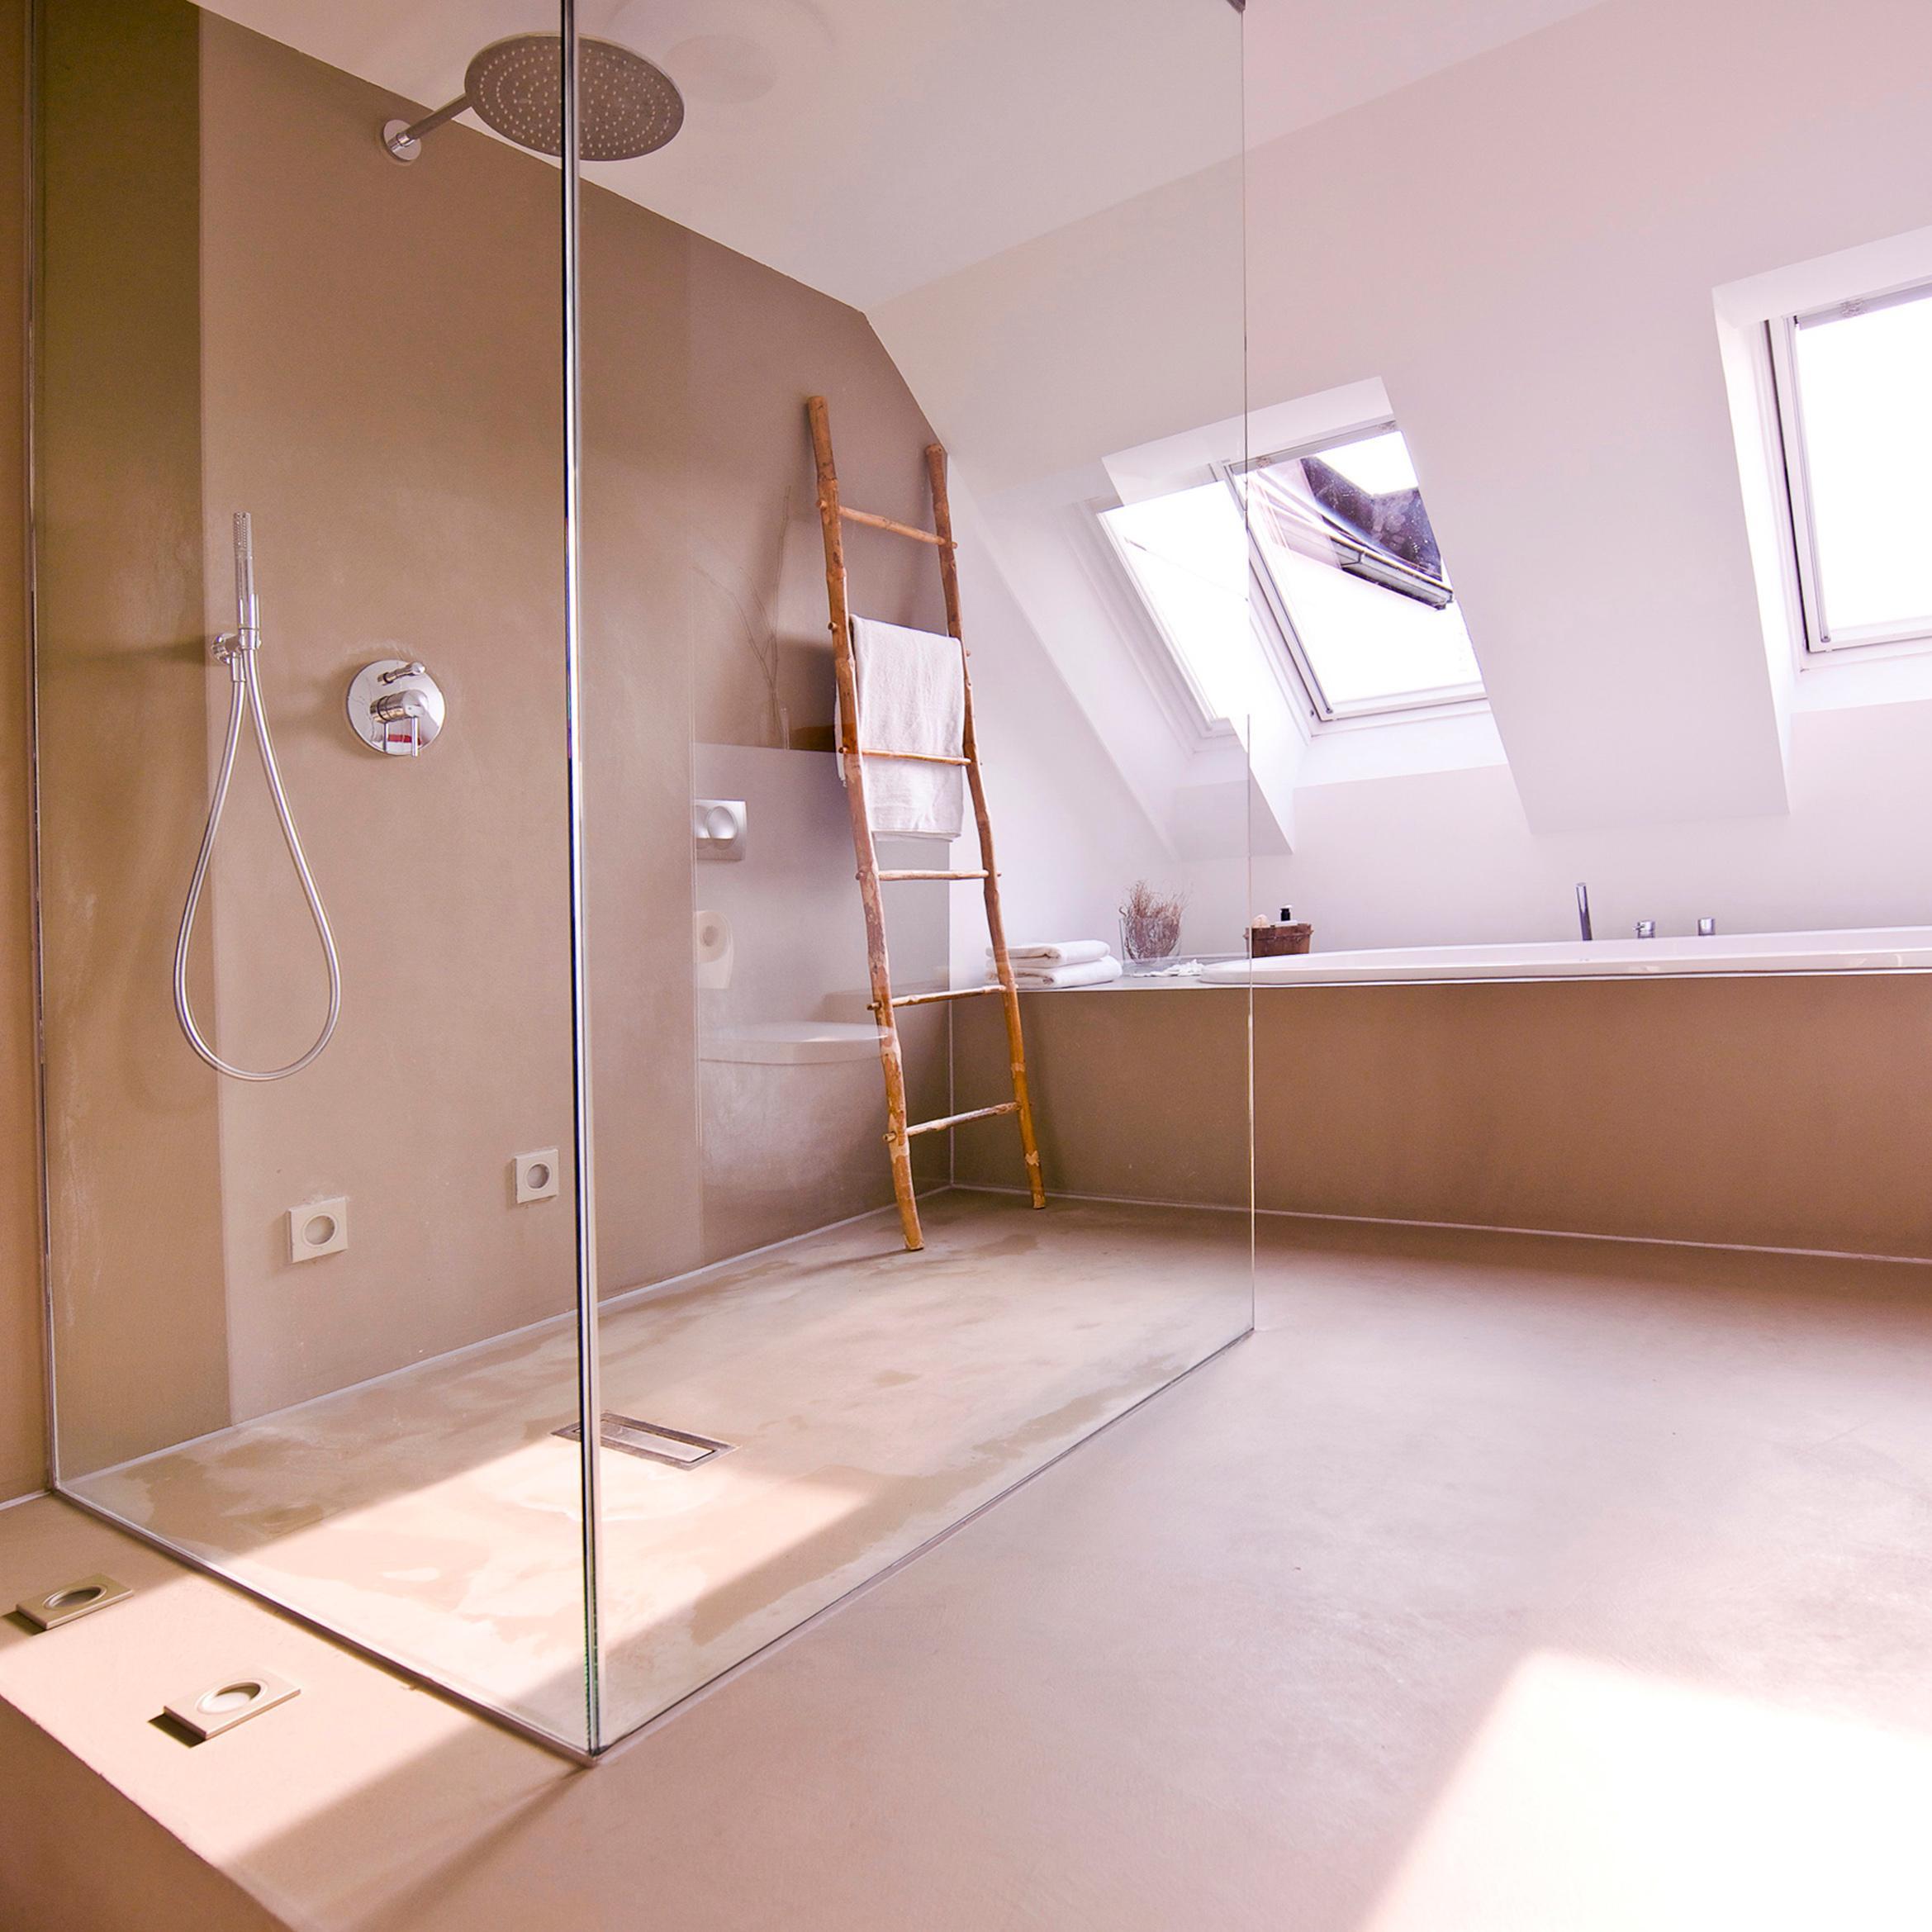 Bezaubernd Dusche In Dachschräge Beste Wahl Große #dachschräge #betonboden #badewanne #badezimmer #dusche ©zolaproduction